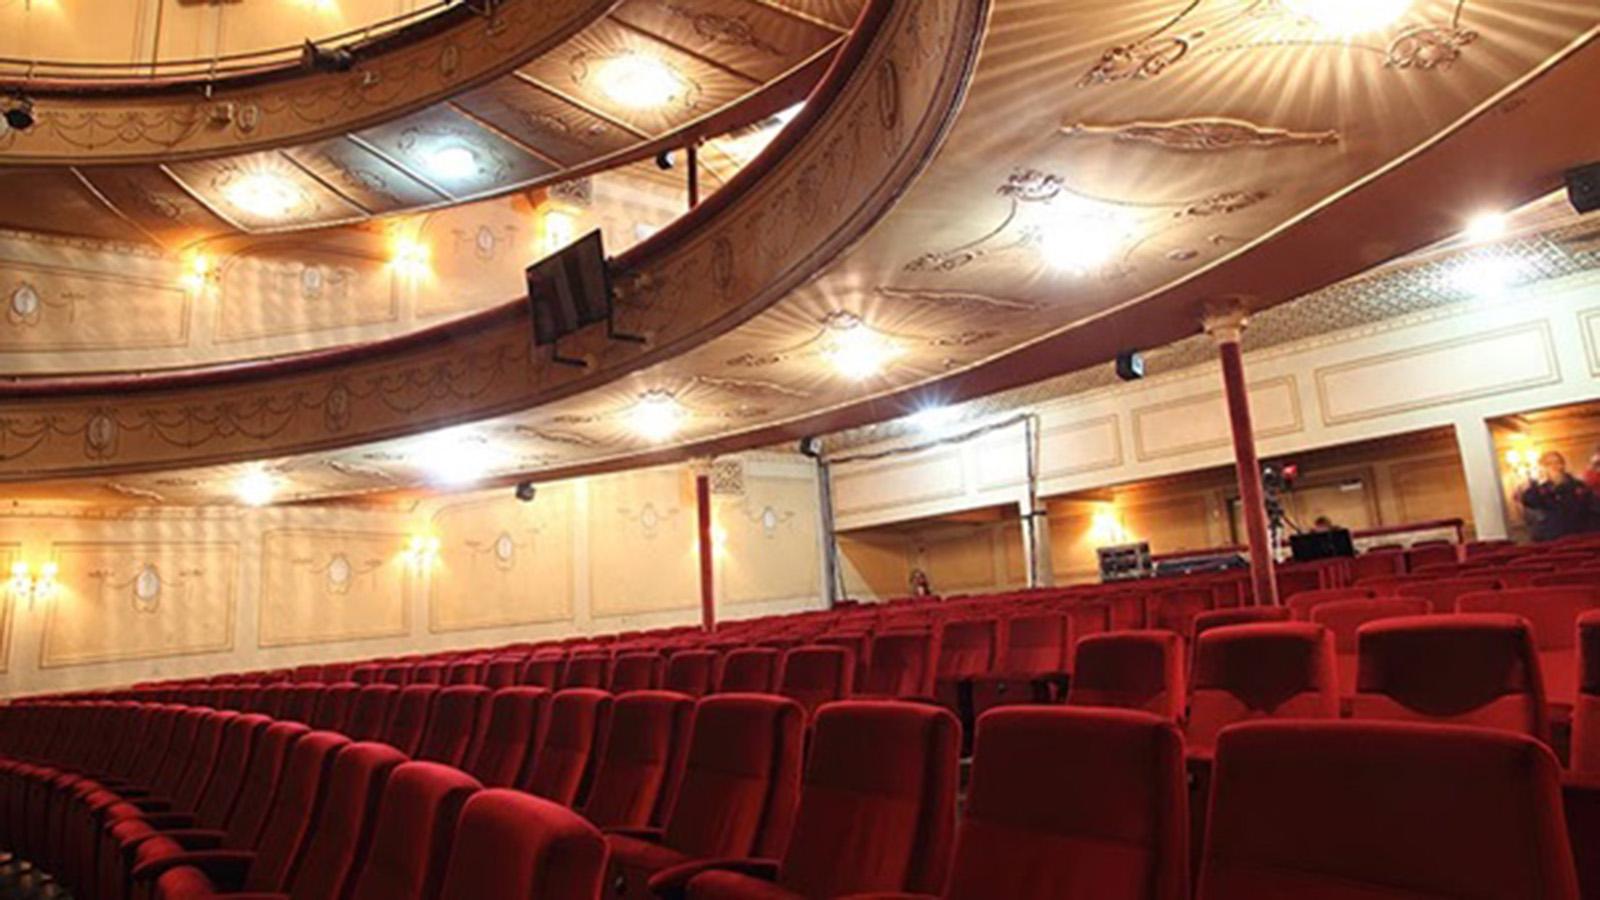 Athenaeum Theatre, Melbourne, Victoria, Australia